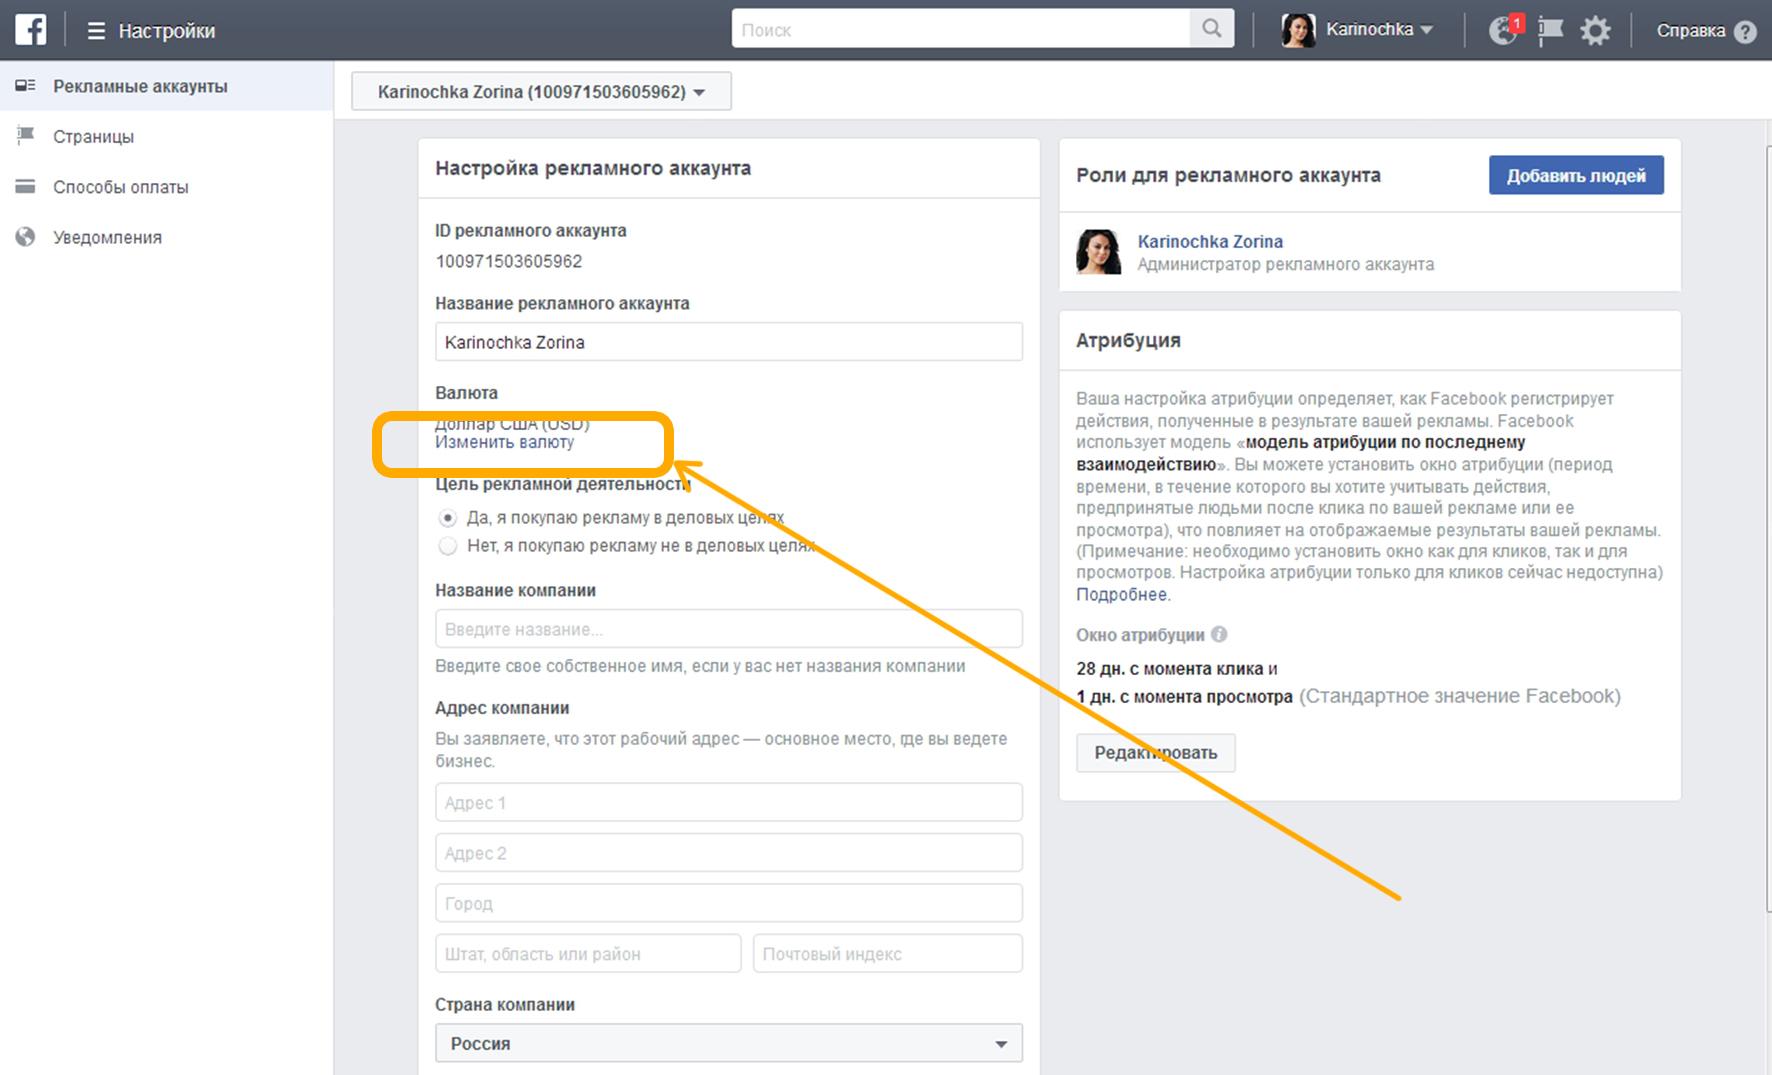 Пояснение для пользователя и указание на ссылку, ответственную за смену валют рекламного аккаунта